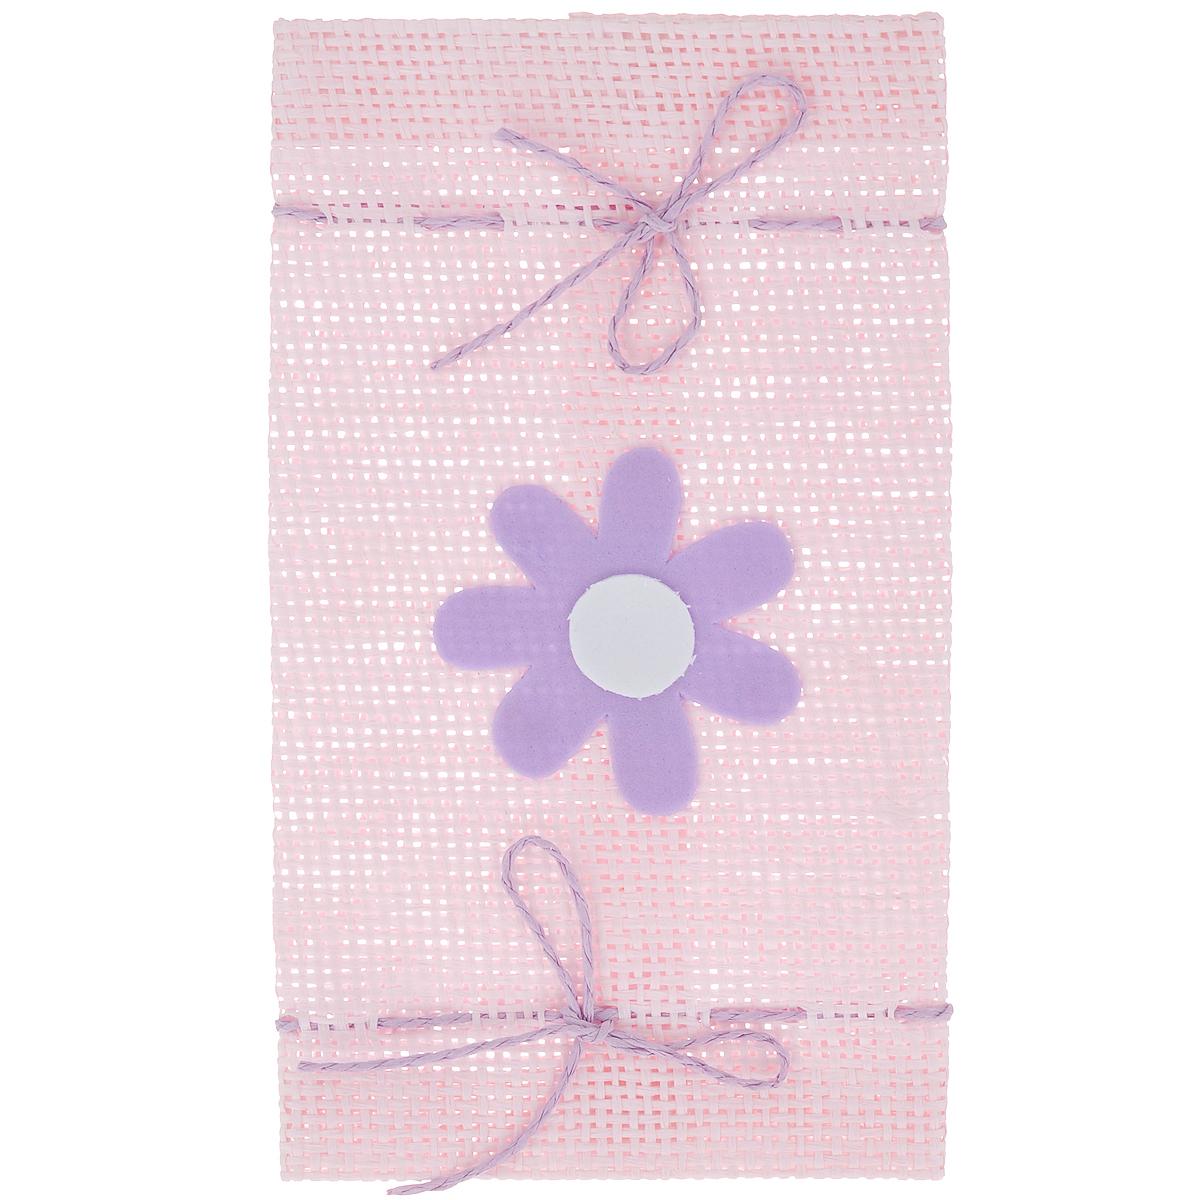 Подарочная упаковка Home Queen Конфетка, цвет: розовый, 10,5 см х 19 см64493_1Подарочная упаковка Home Queen Конфетка, выполненная из высококачественного полиэстера, декорирована цветком. Изделие имеет два шнурка по бокам. В такую подарочную упаковку можно вставить бутылку вина или вложить конверт. Подарок, преподнесенный в оригинальной упаковке, всегда будет самым эффектным и запоминающимся. Окружите близких людей вниманием и заботой, вручив презент в нарядном, праздничном оформлении.